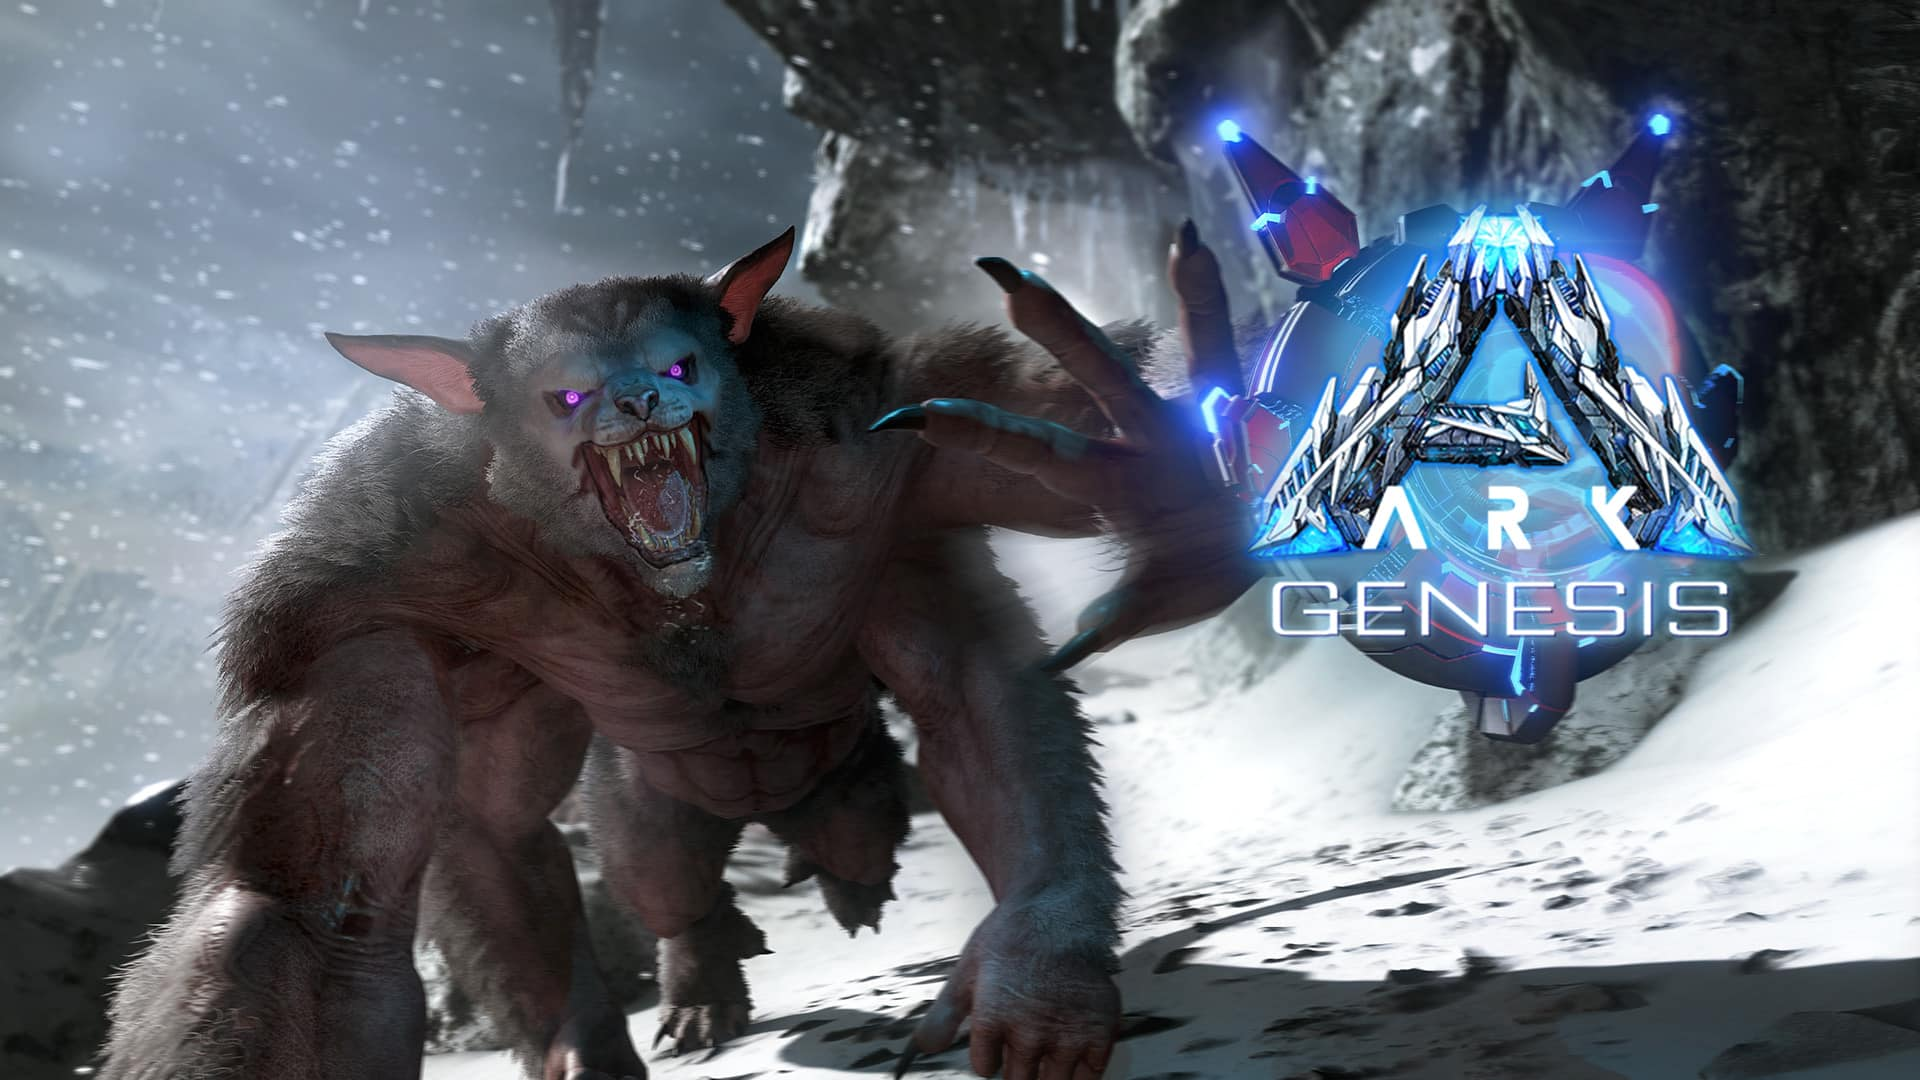 ark genesis release